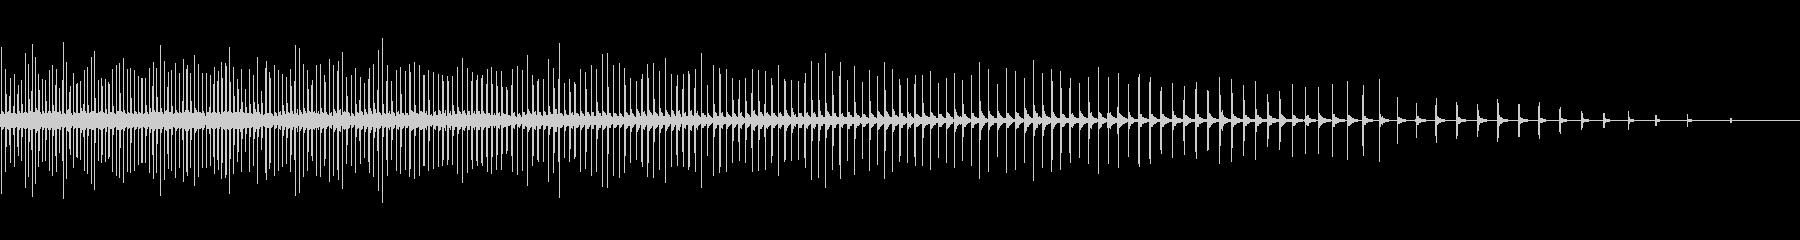 [生録音]自転車のラチェット音02-中速の未再生の波形